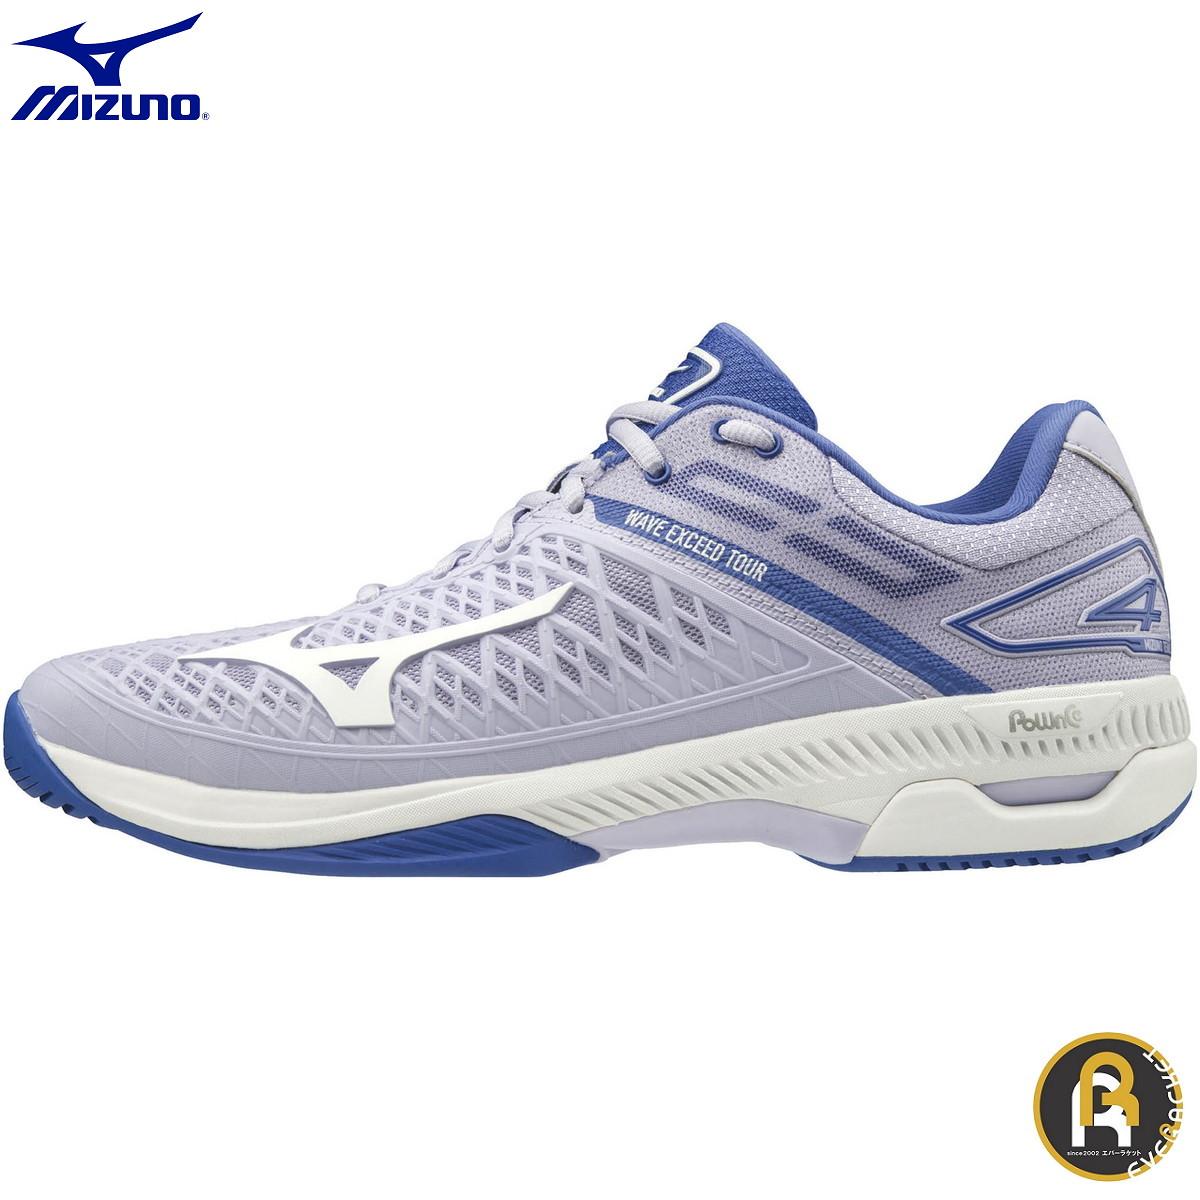 ミズノ MIZUNO ソフトテニスシューズ WAVE EXCEED TOUR4 AC 61GA207067 ソフトテニス